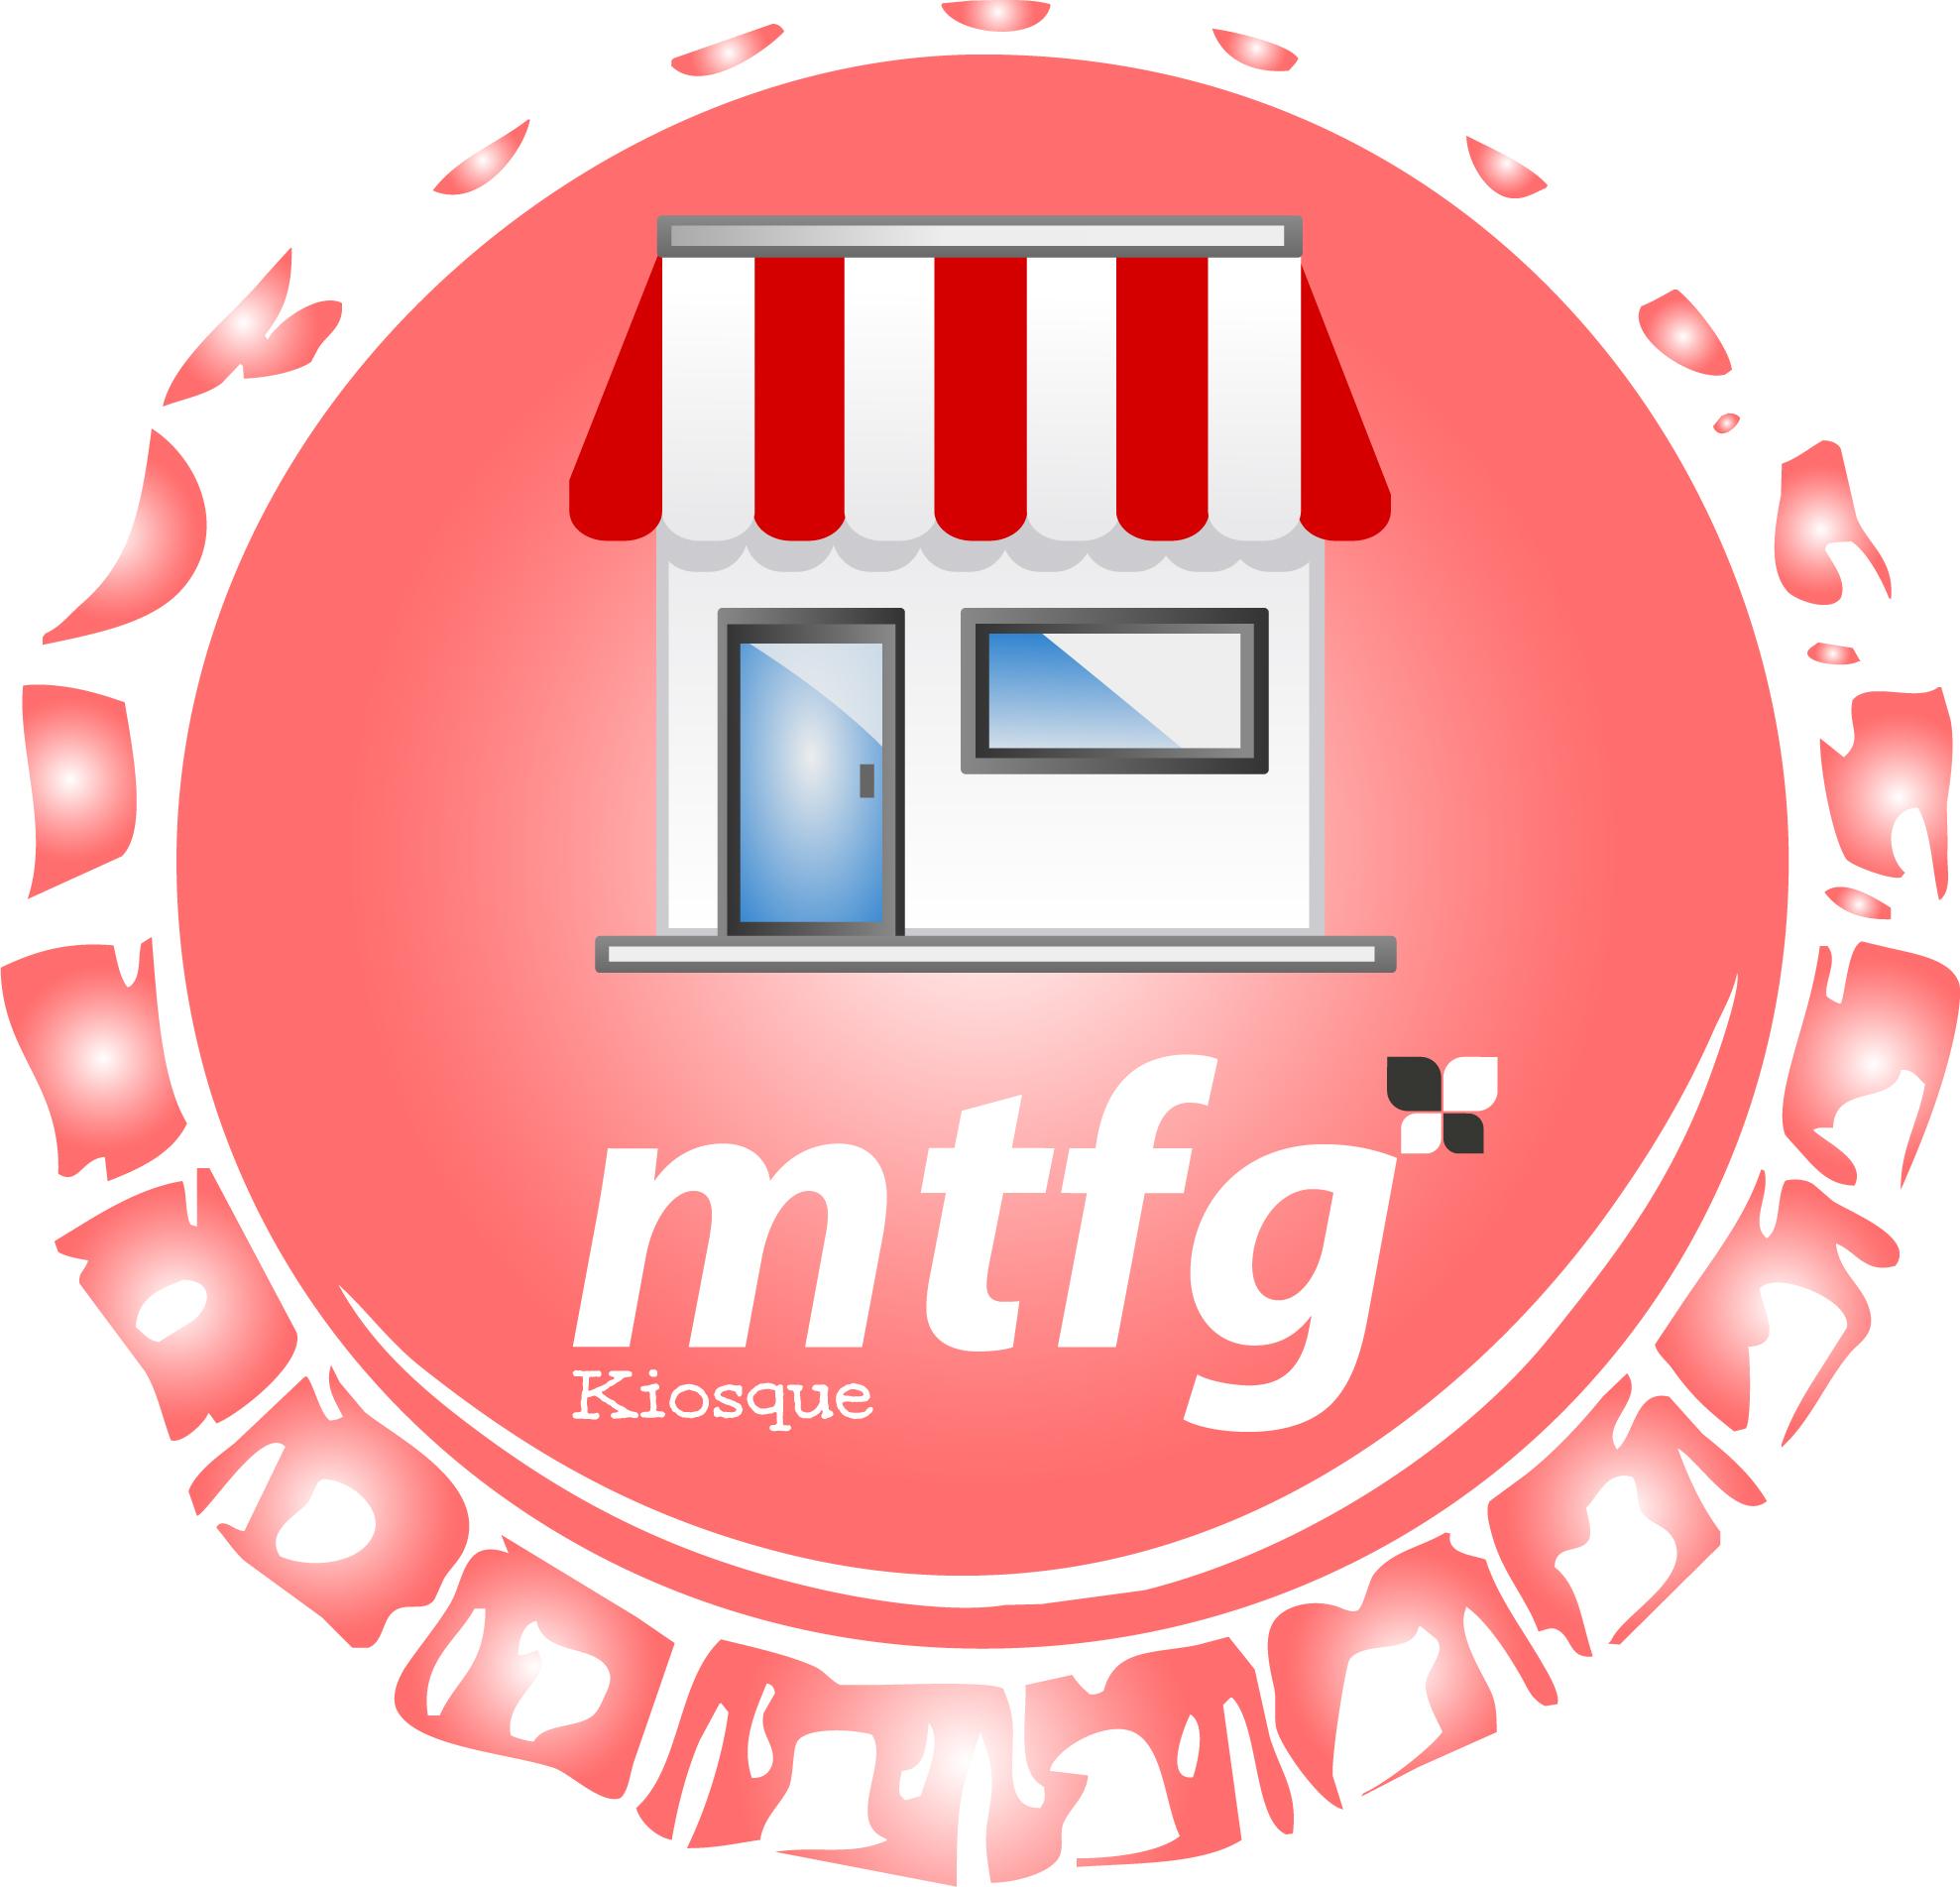 MTFG Kiosque